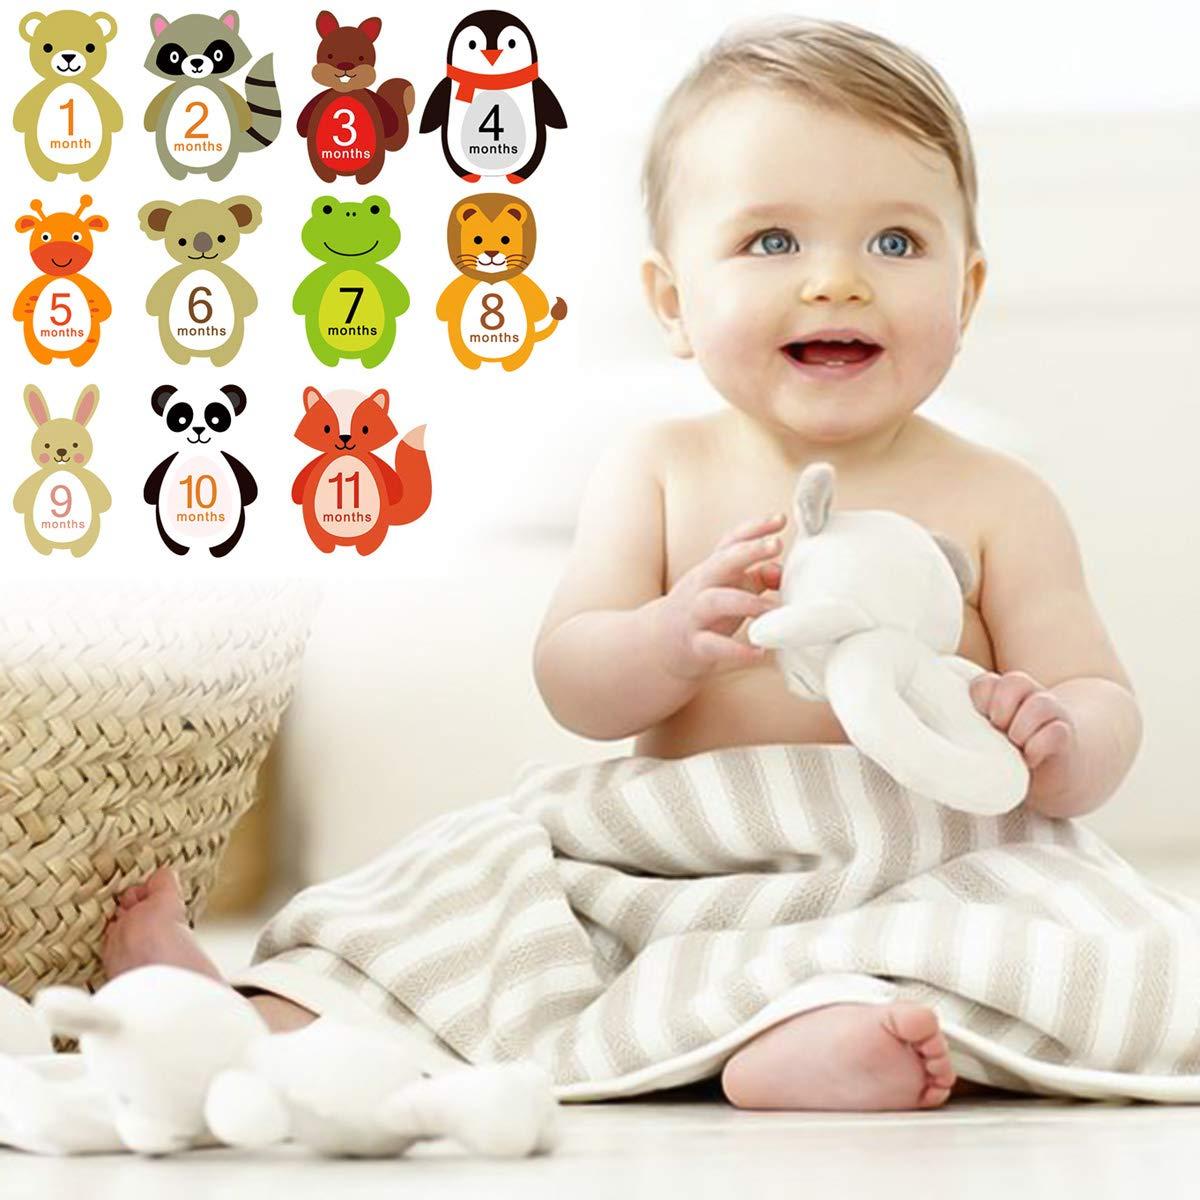 pegatinas de dibujos animados con hitos mensuales Borlai 12 pegatinas de mes de beb/é pegatinas de mes para beb/é ni/ña ni/ño baby shower regalo